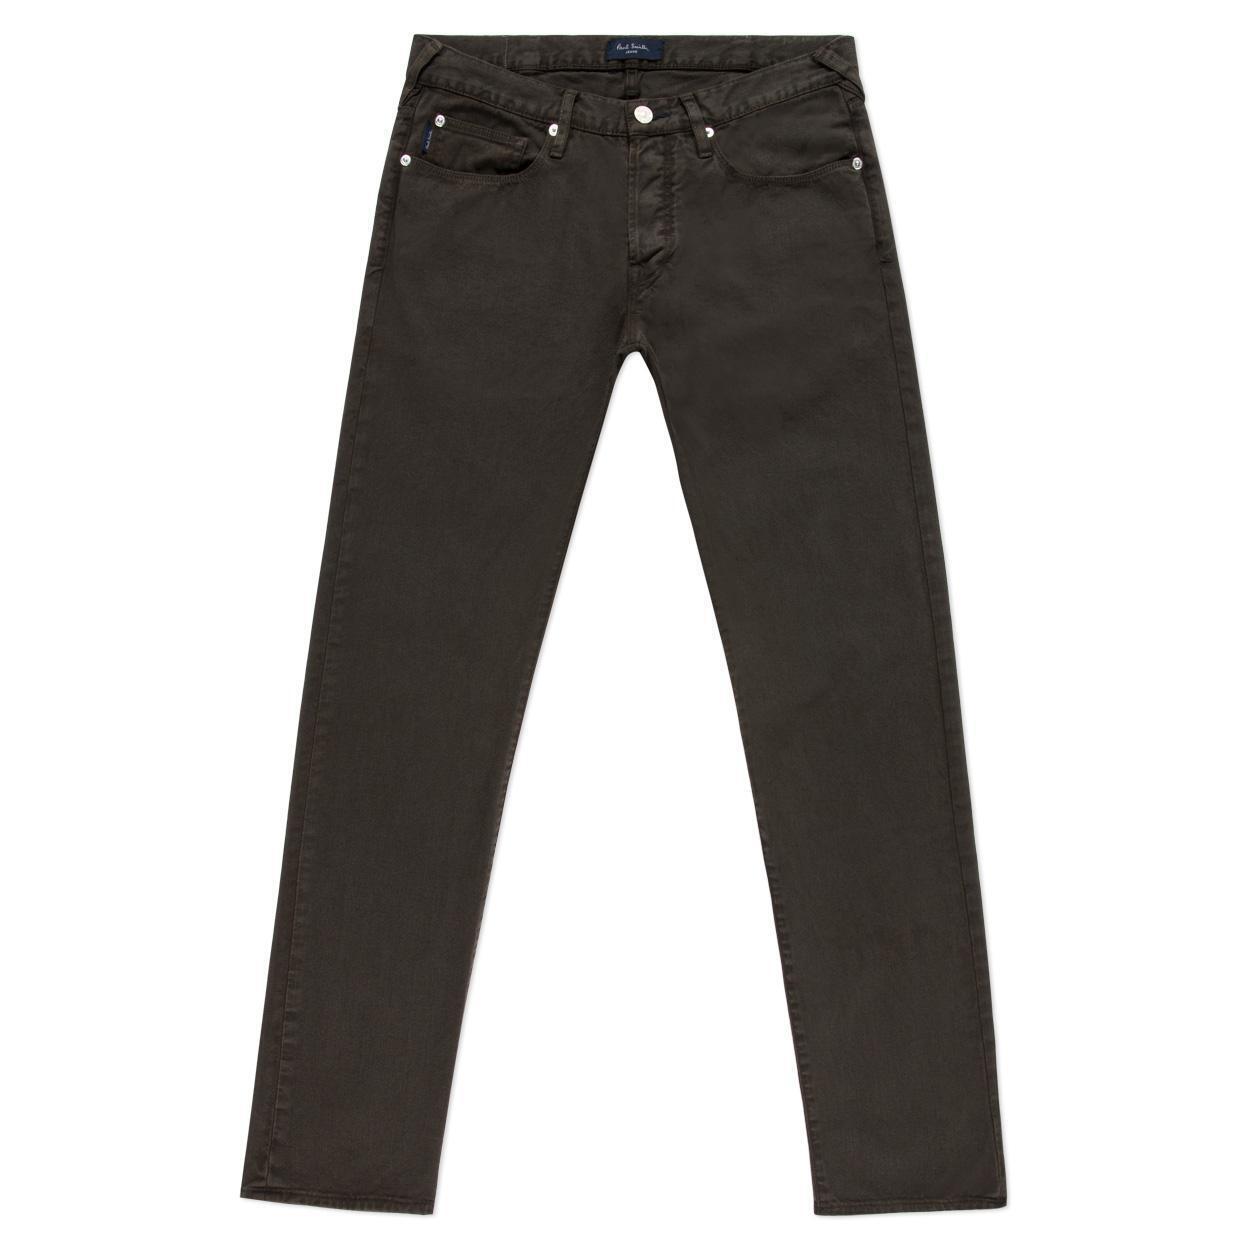 Paul Smith Jeans - Dark Grün - Mens W28 L32 L32 L32 - Box65 05 M 32485b